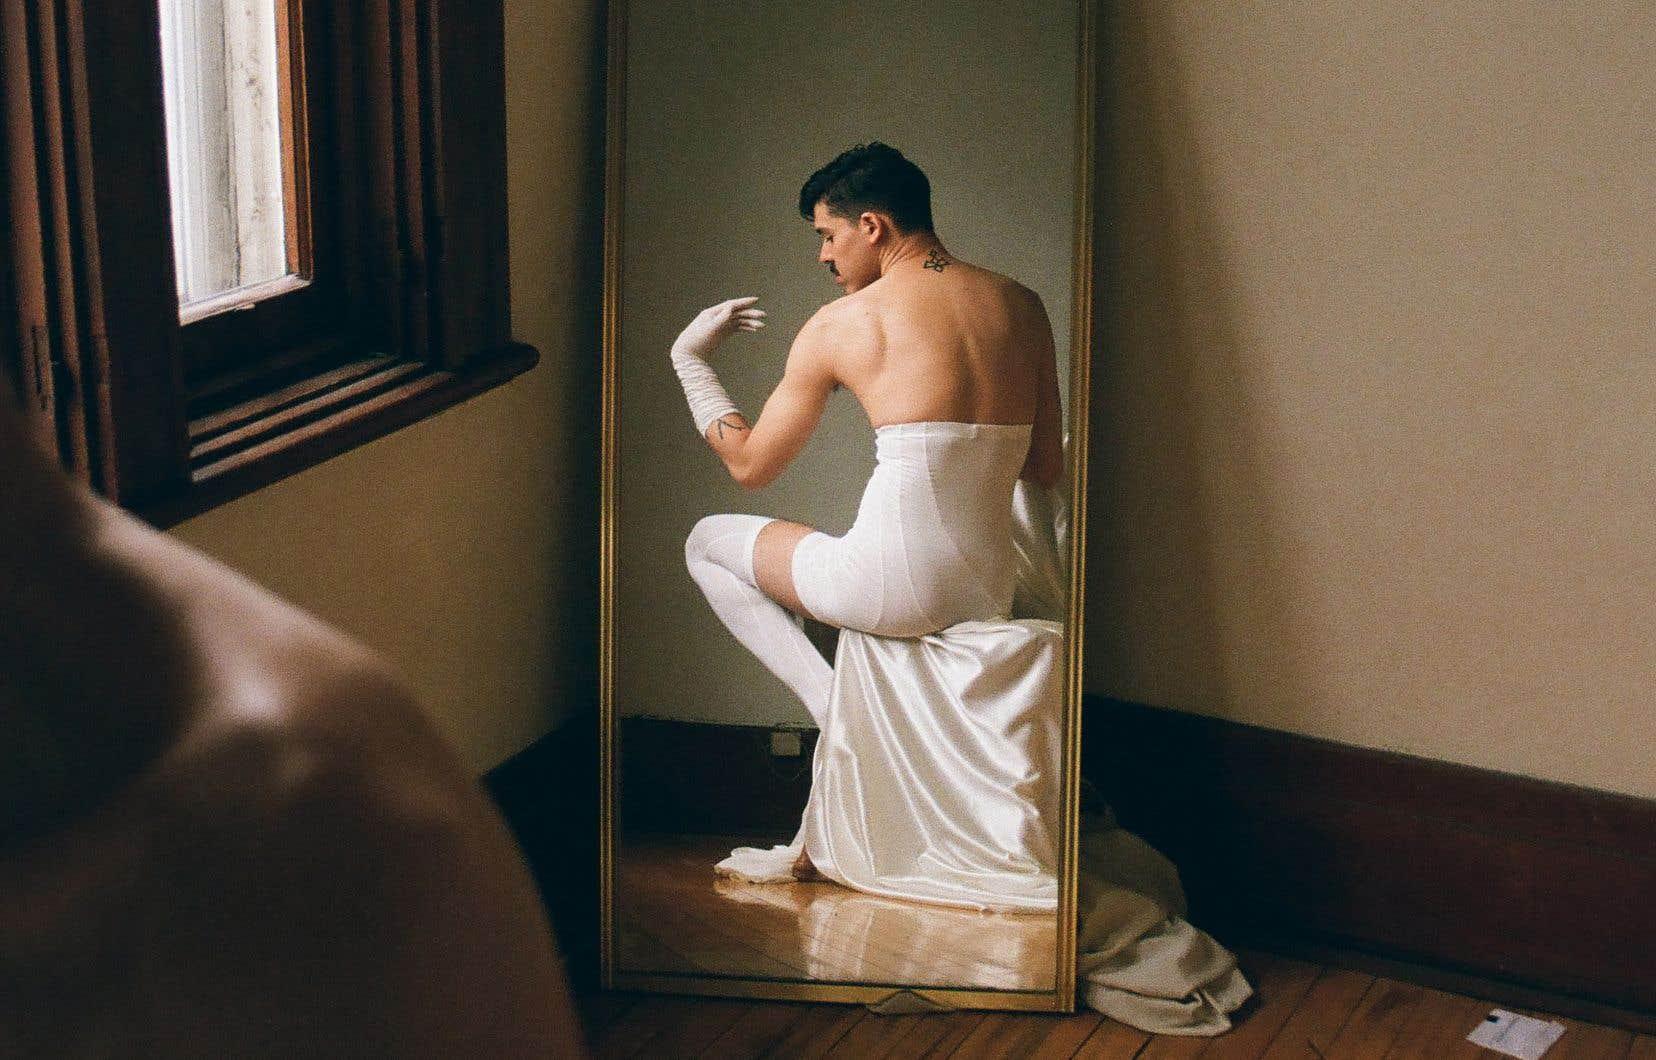 Exilium traite principalement du corps migrant queer et du rapport du performeur à son pays natal, la Colombie.